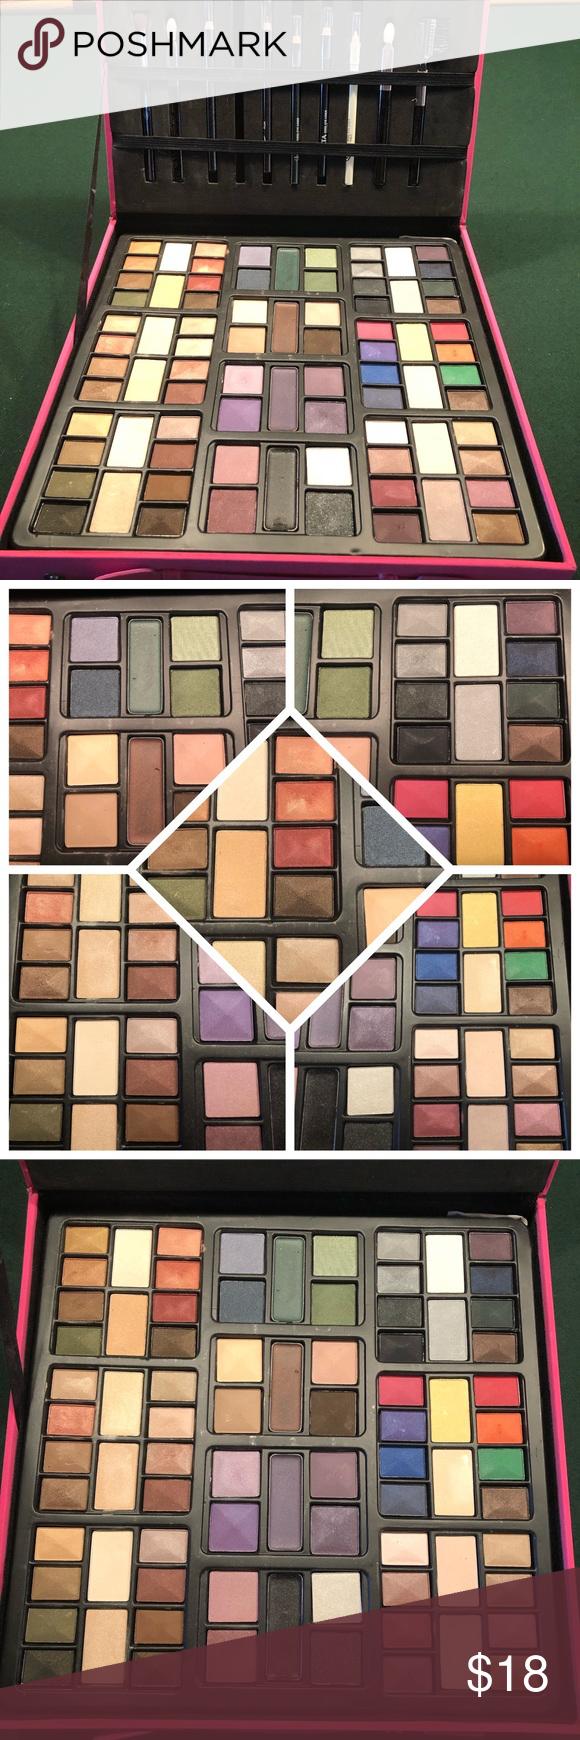 NWOT Ulta 80 Color Face & Eyes Makeup Box Eye makeup